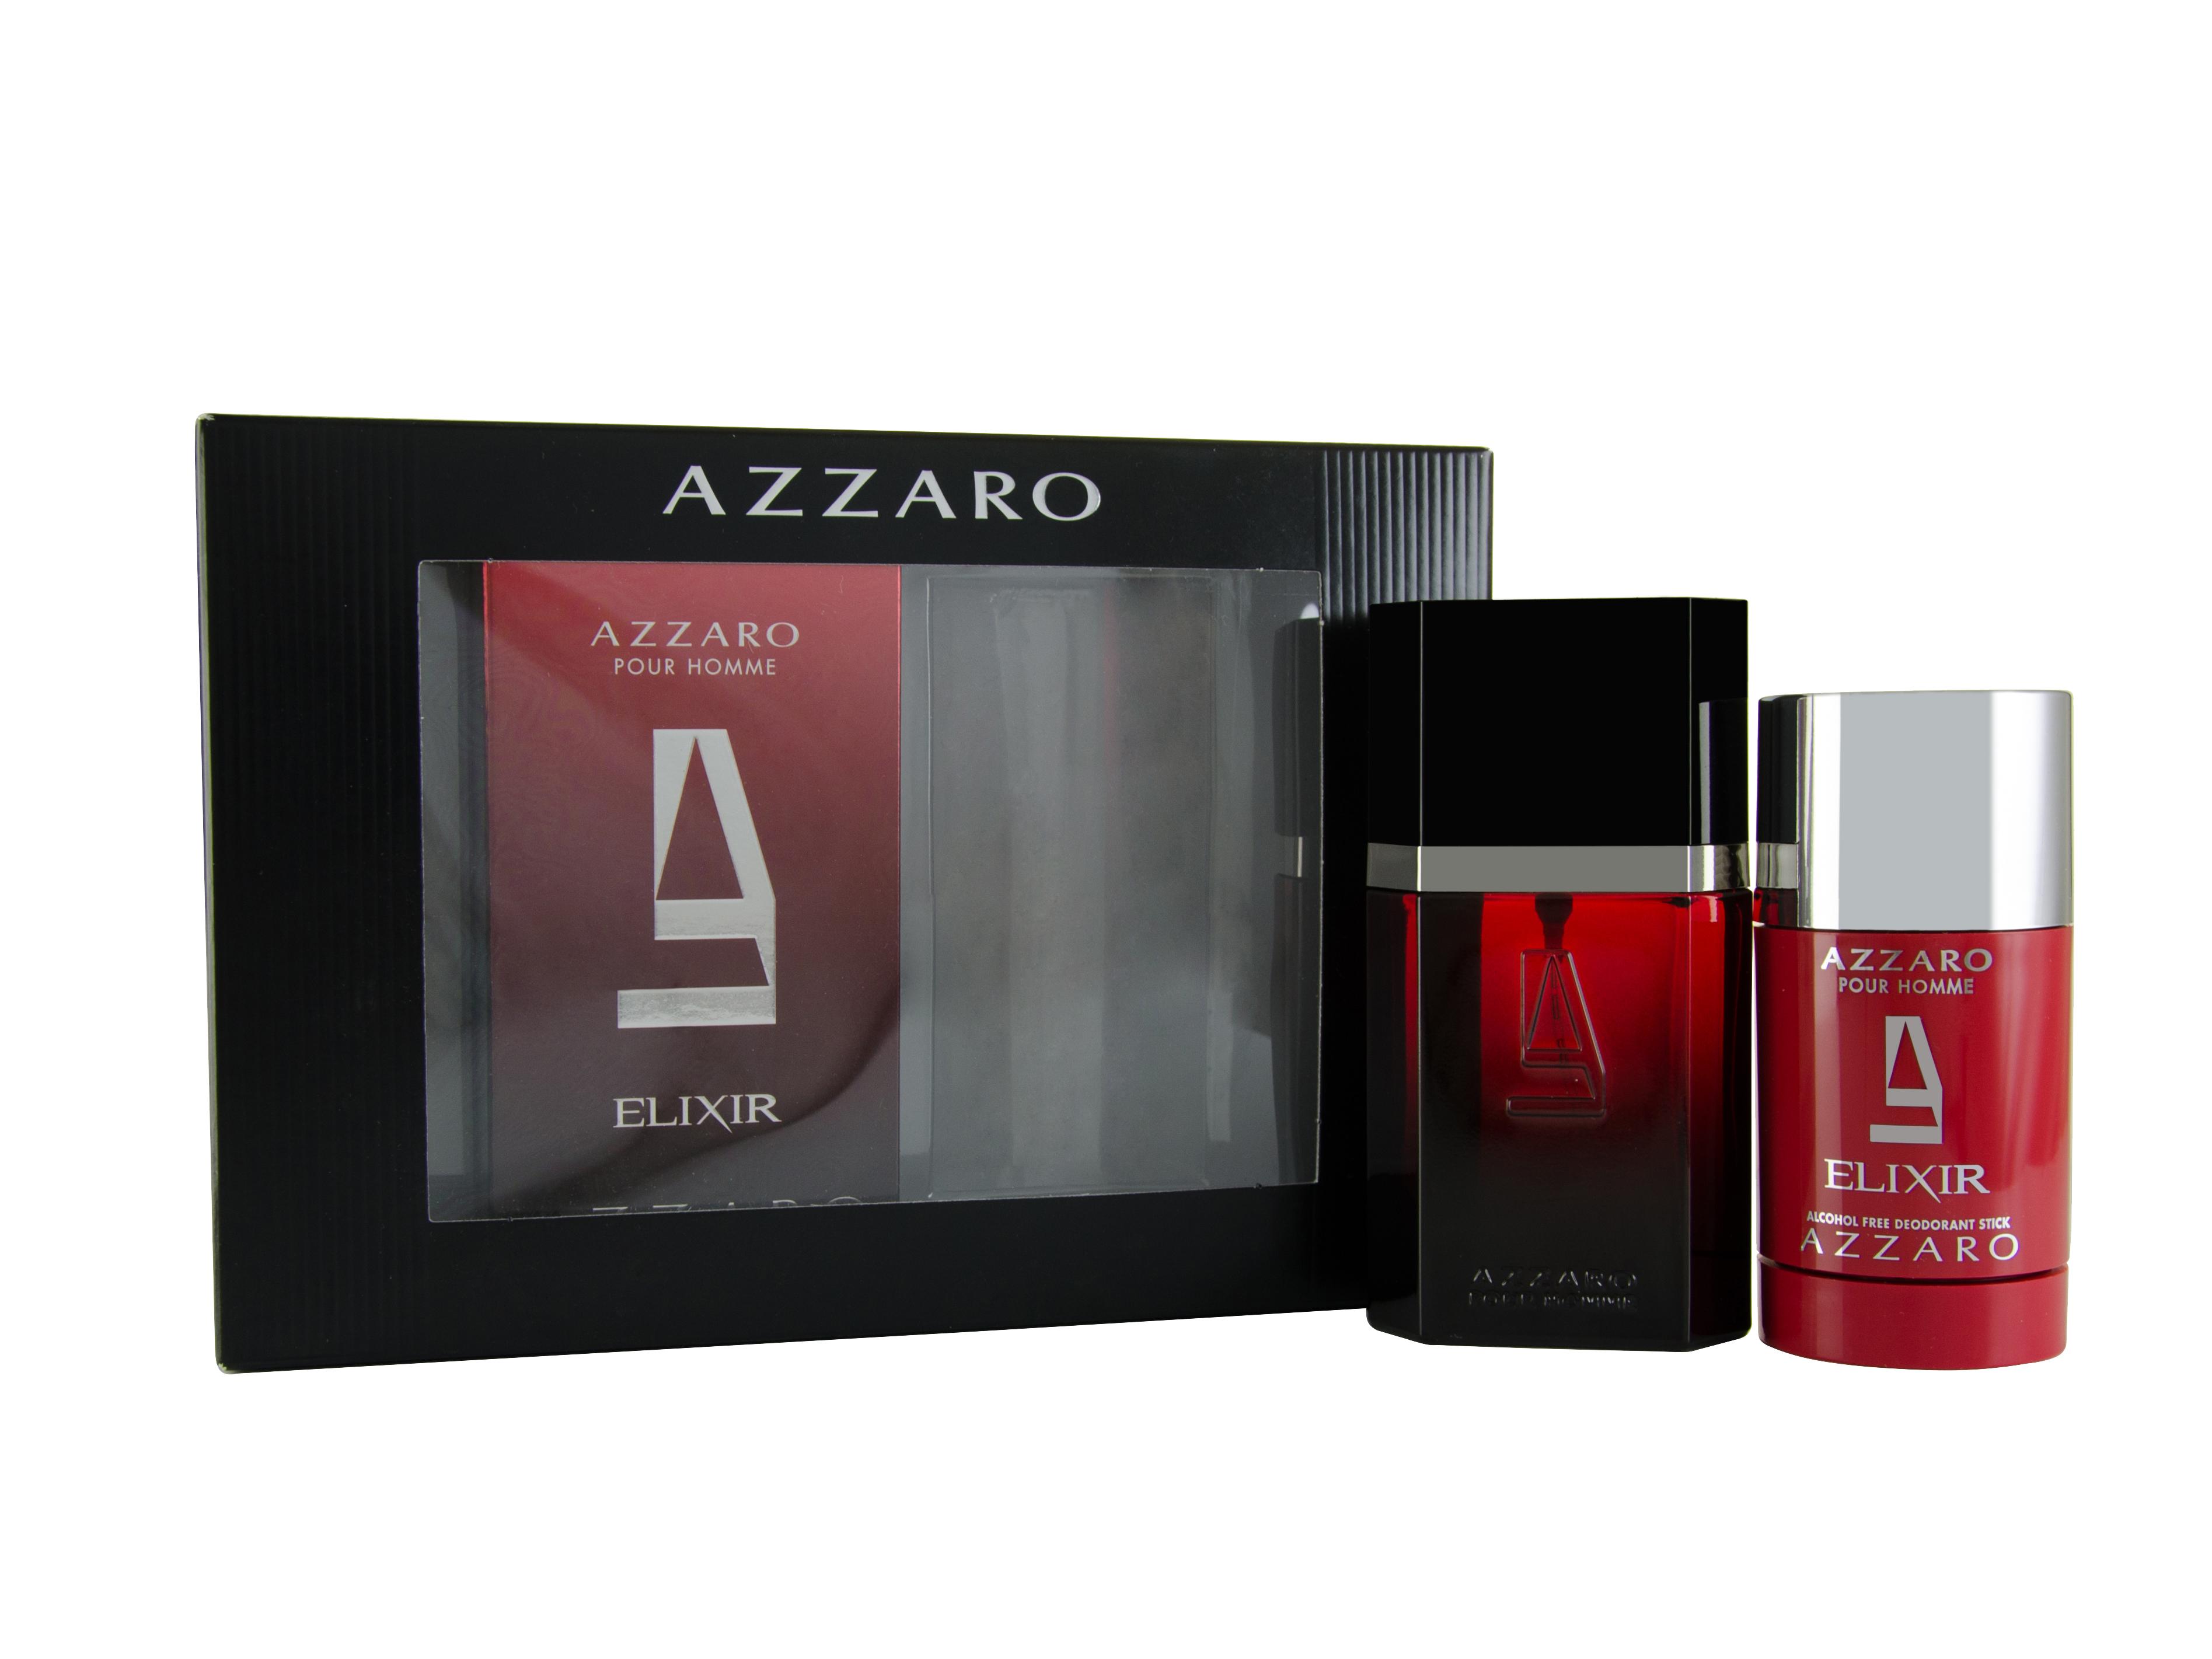 Azzaro Elixir Pour Homme Eau de Toilette 2 Pieces Gift Set